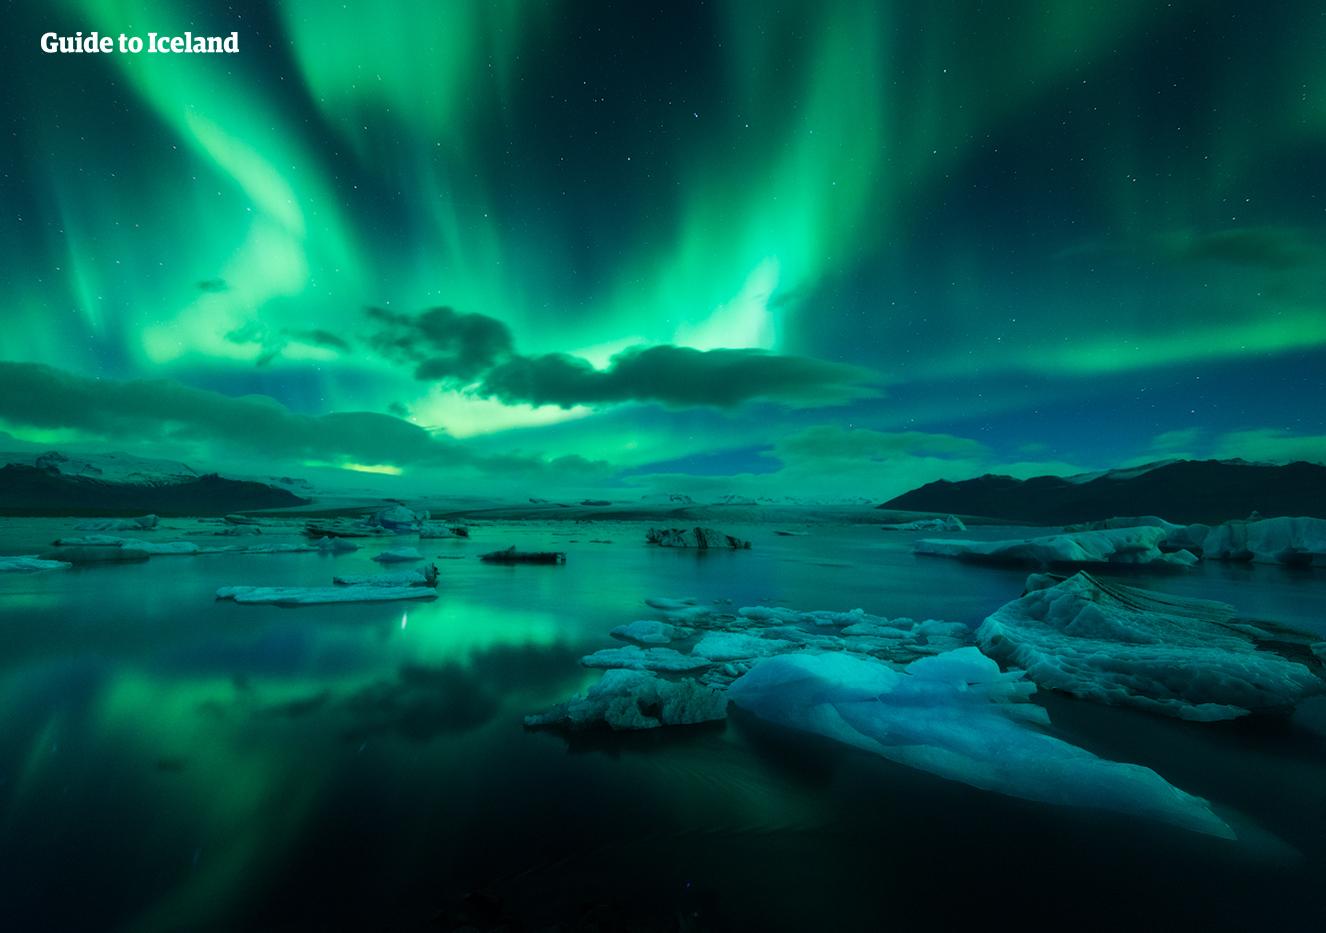 8天7夜冬季环岛小巴旅行团|冰岛环岛+斯奈山半岛+北极光|热门小型团